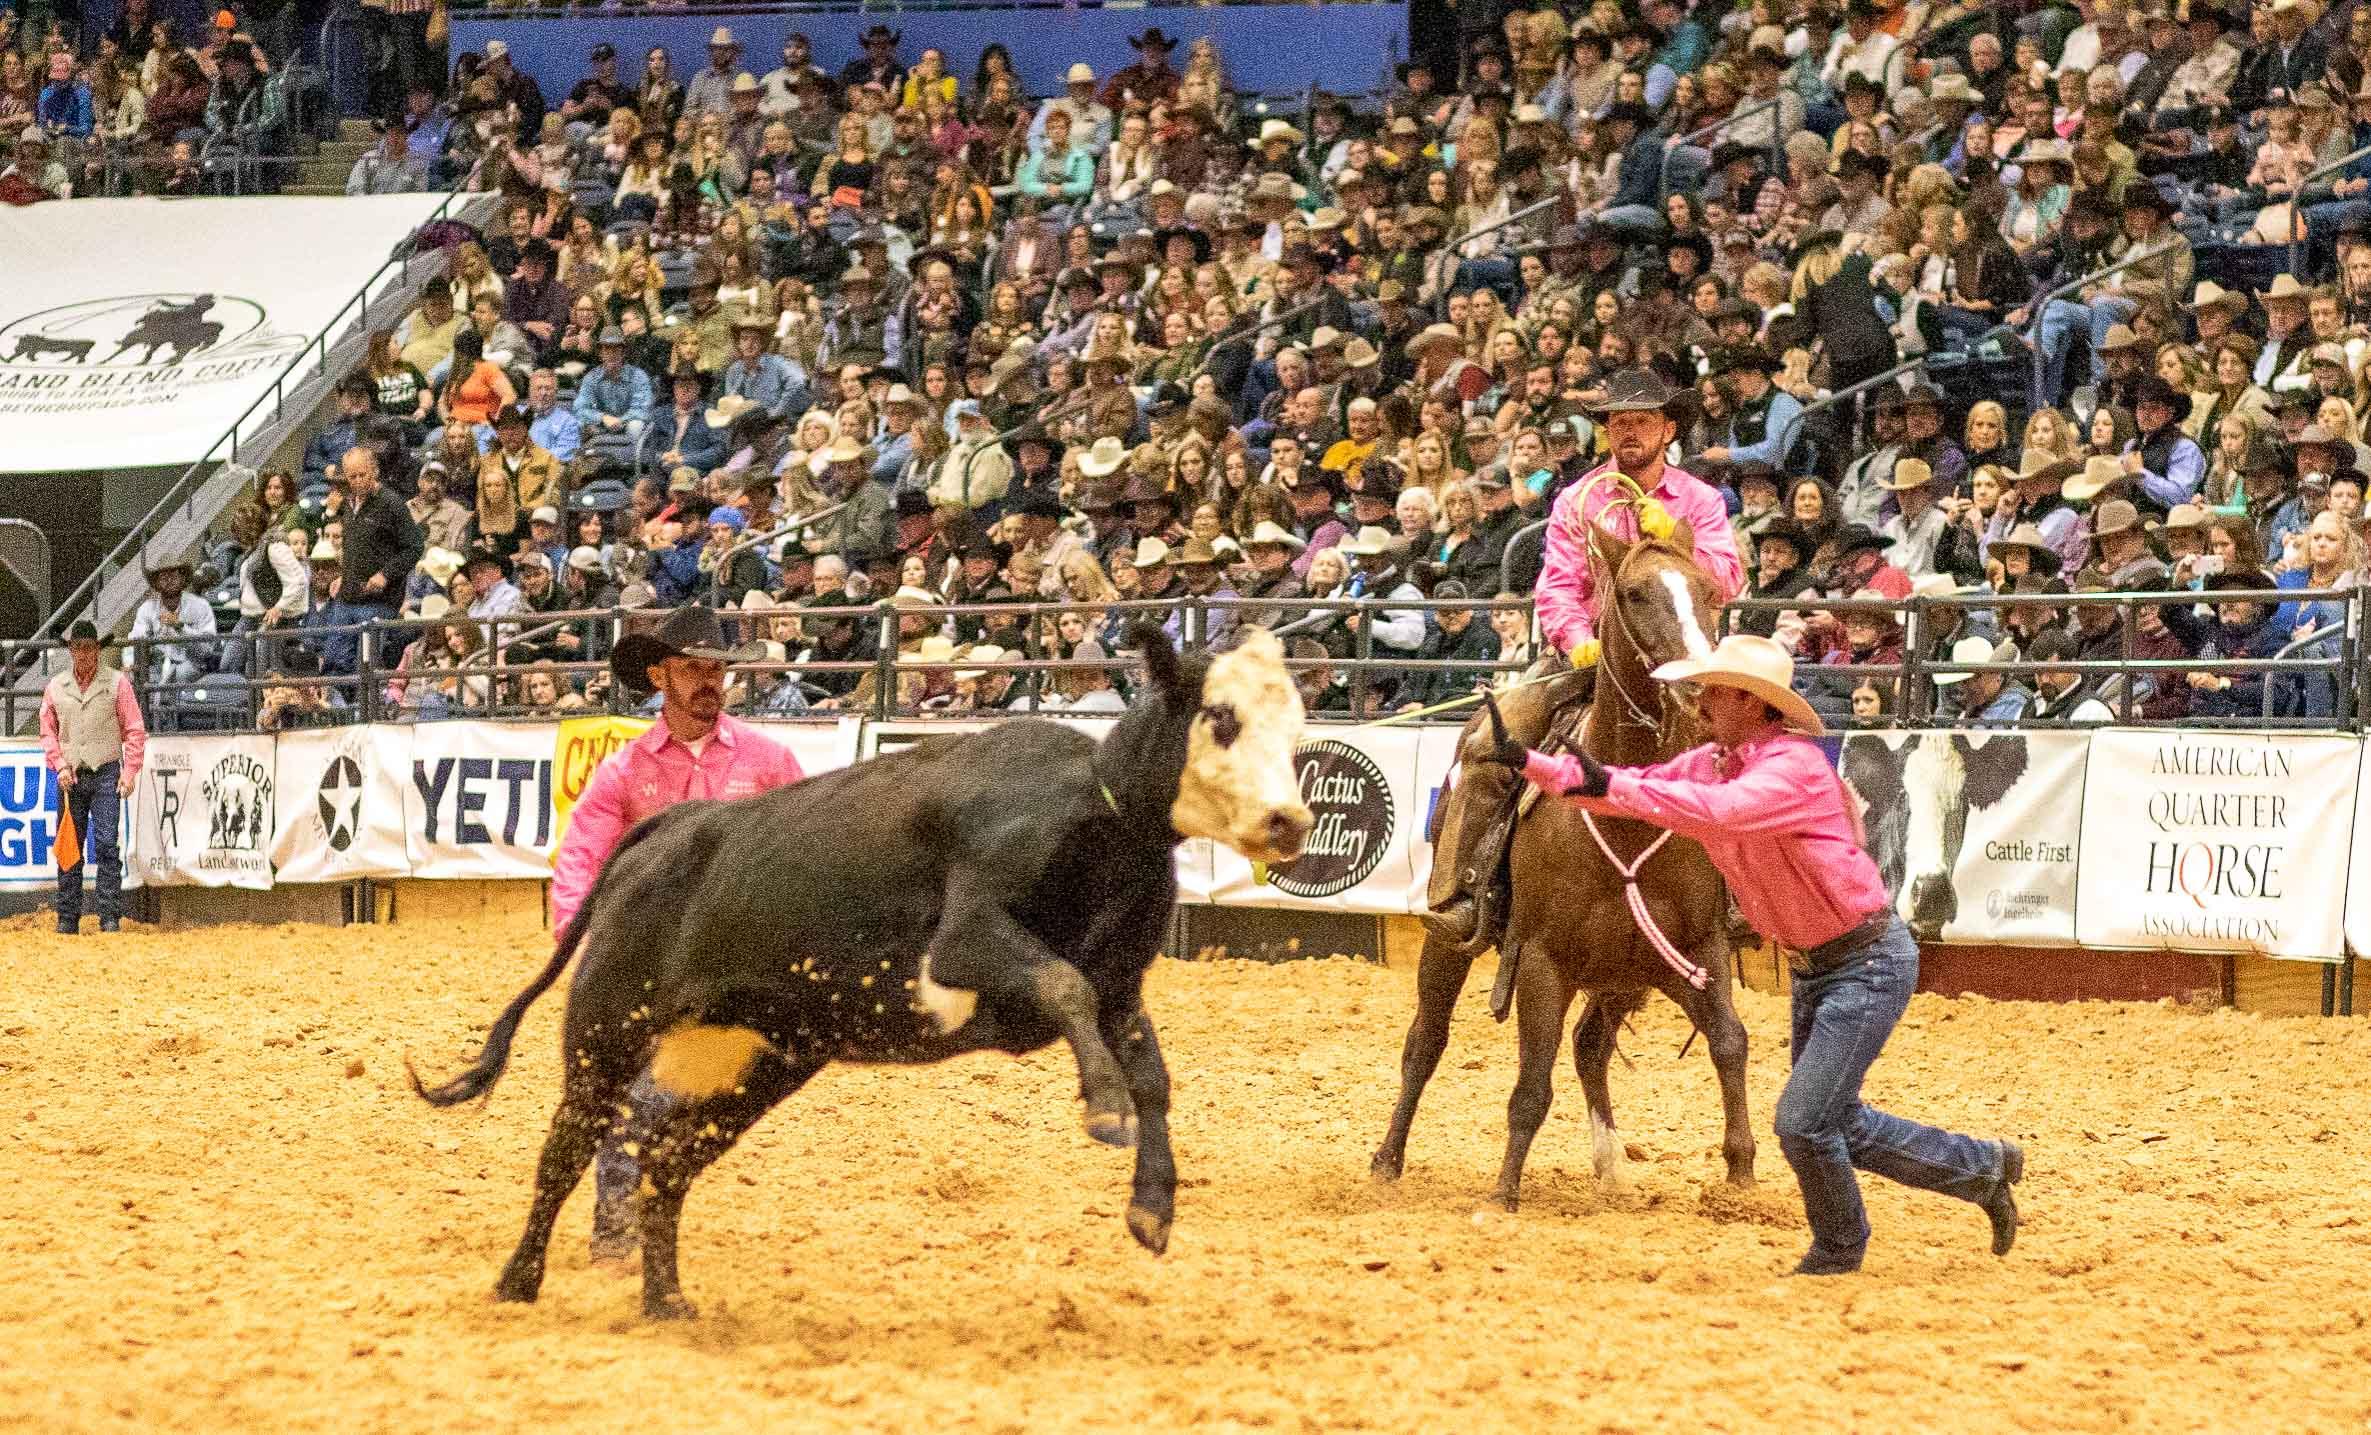 Ranch-Rodeo in Amarillo. So leicht lässt sich diese Kuh nicht stoppen